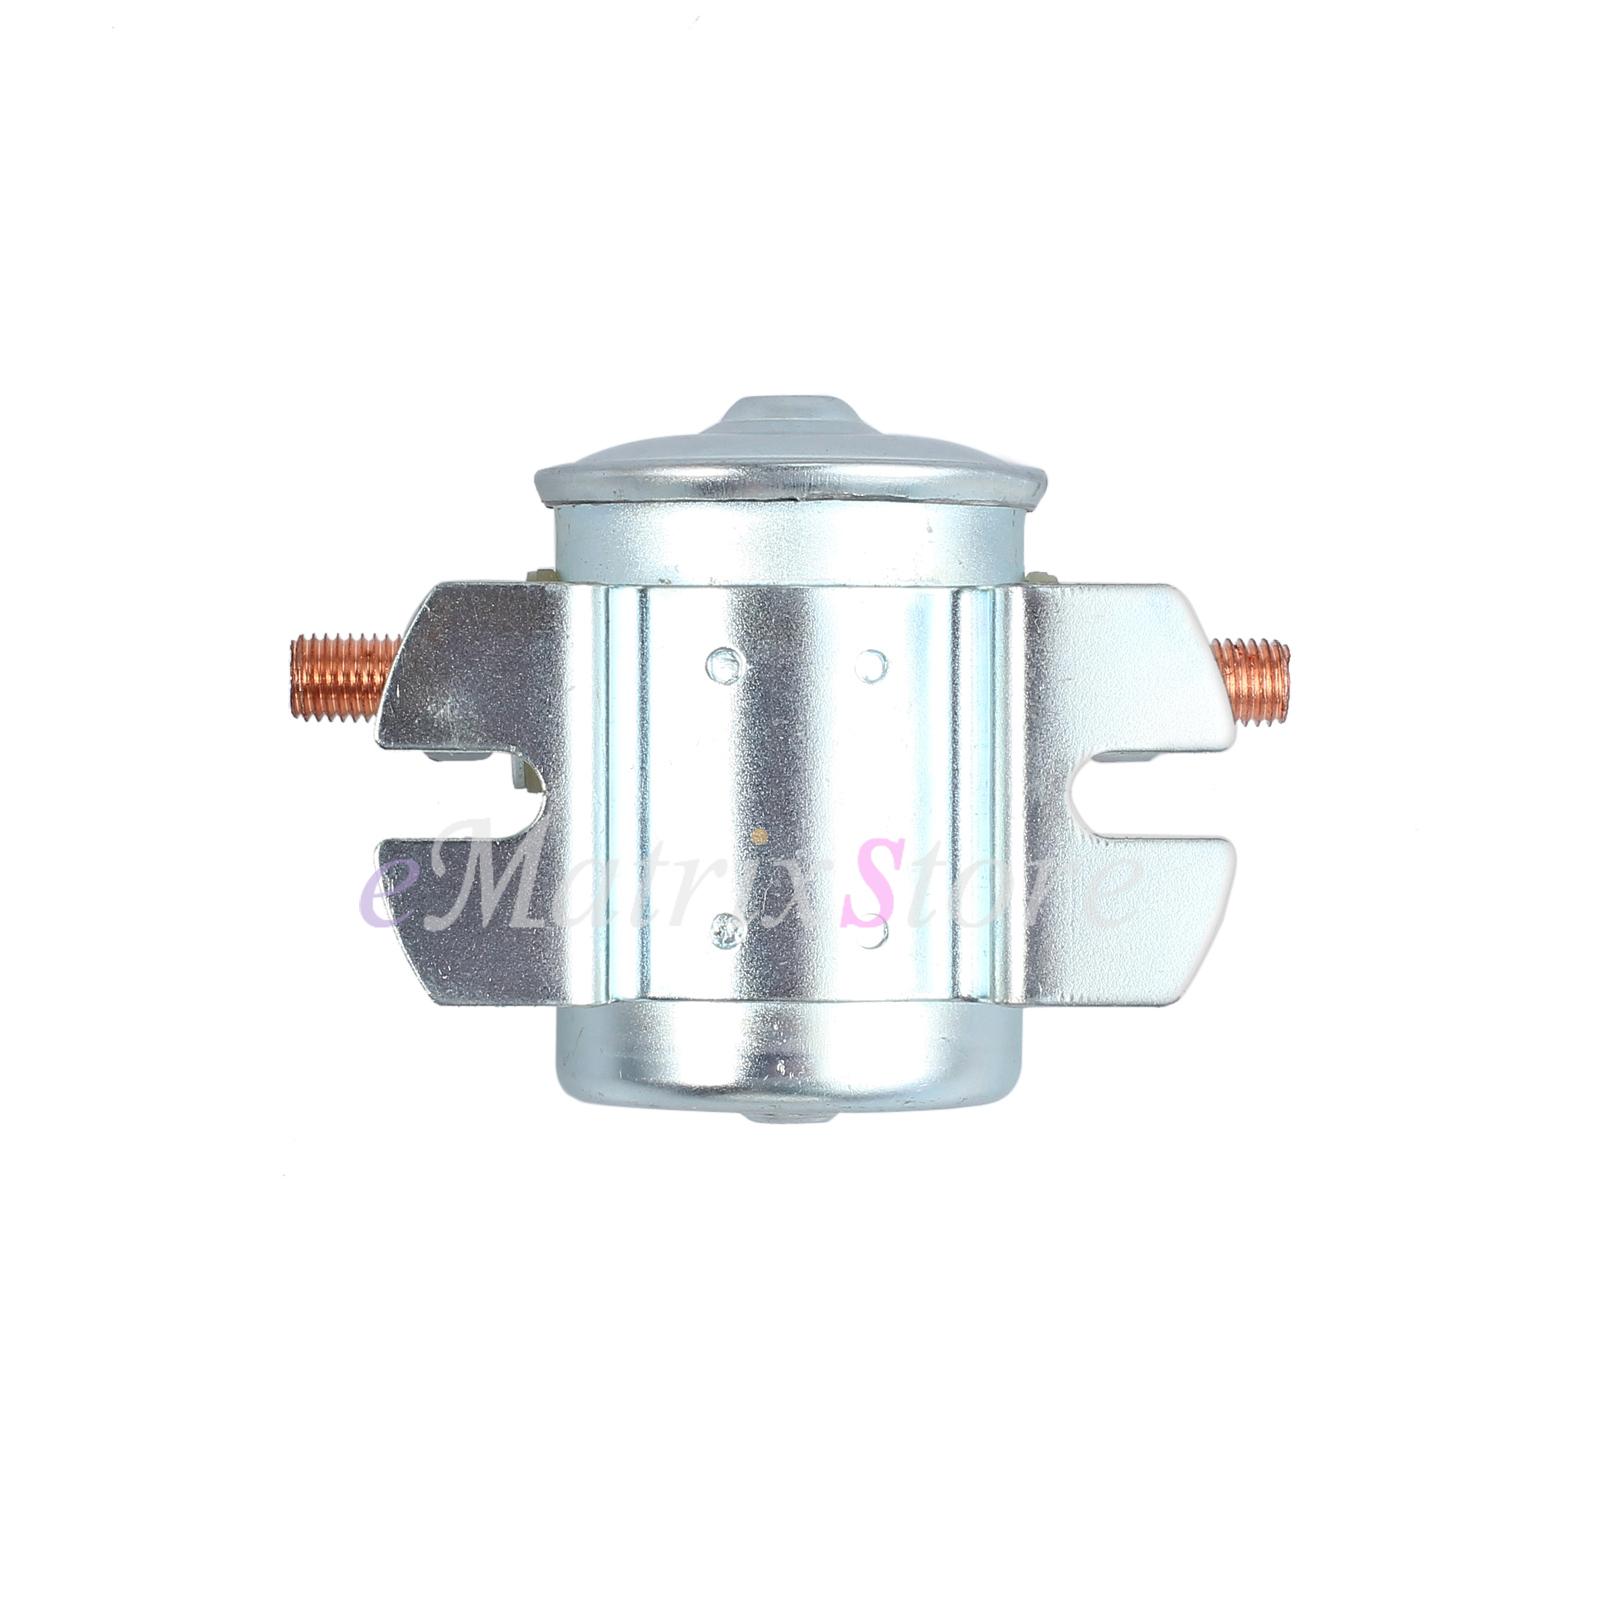 G1 Starter Wiring Diagram Yamaha G1 Starter Generator ... on